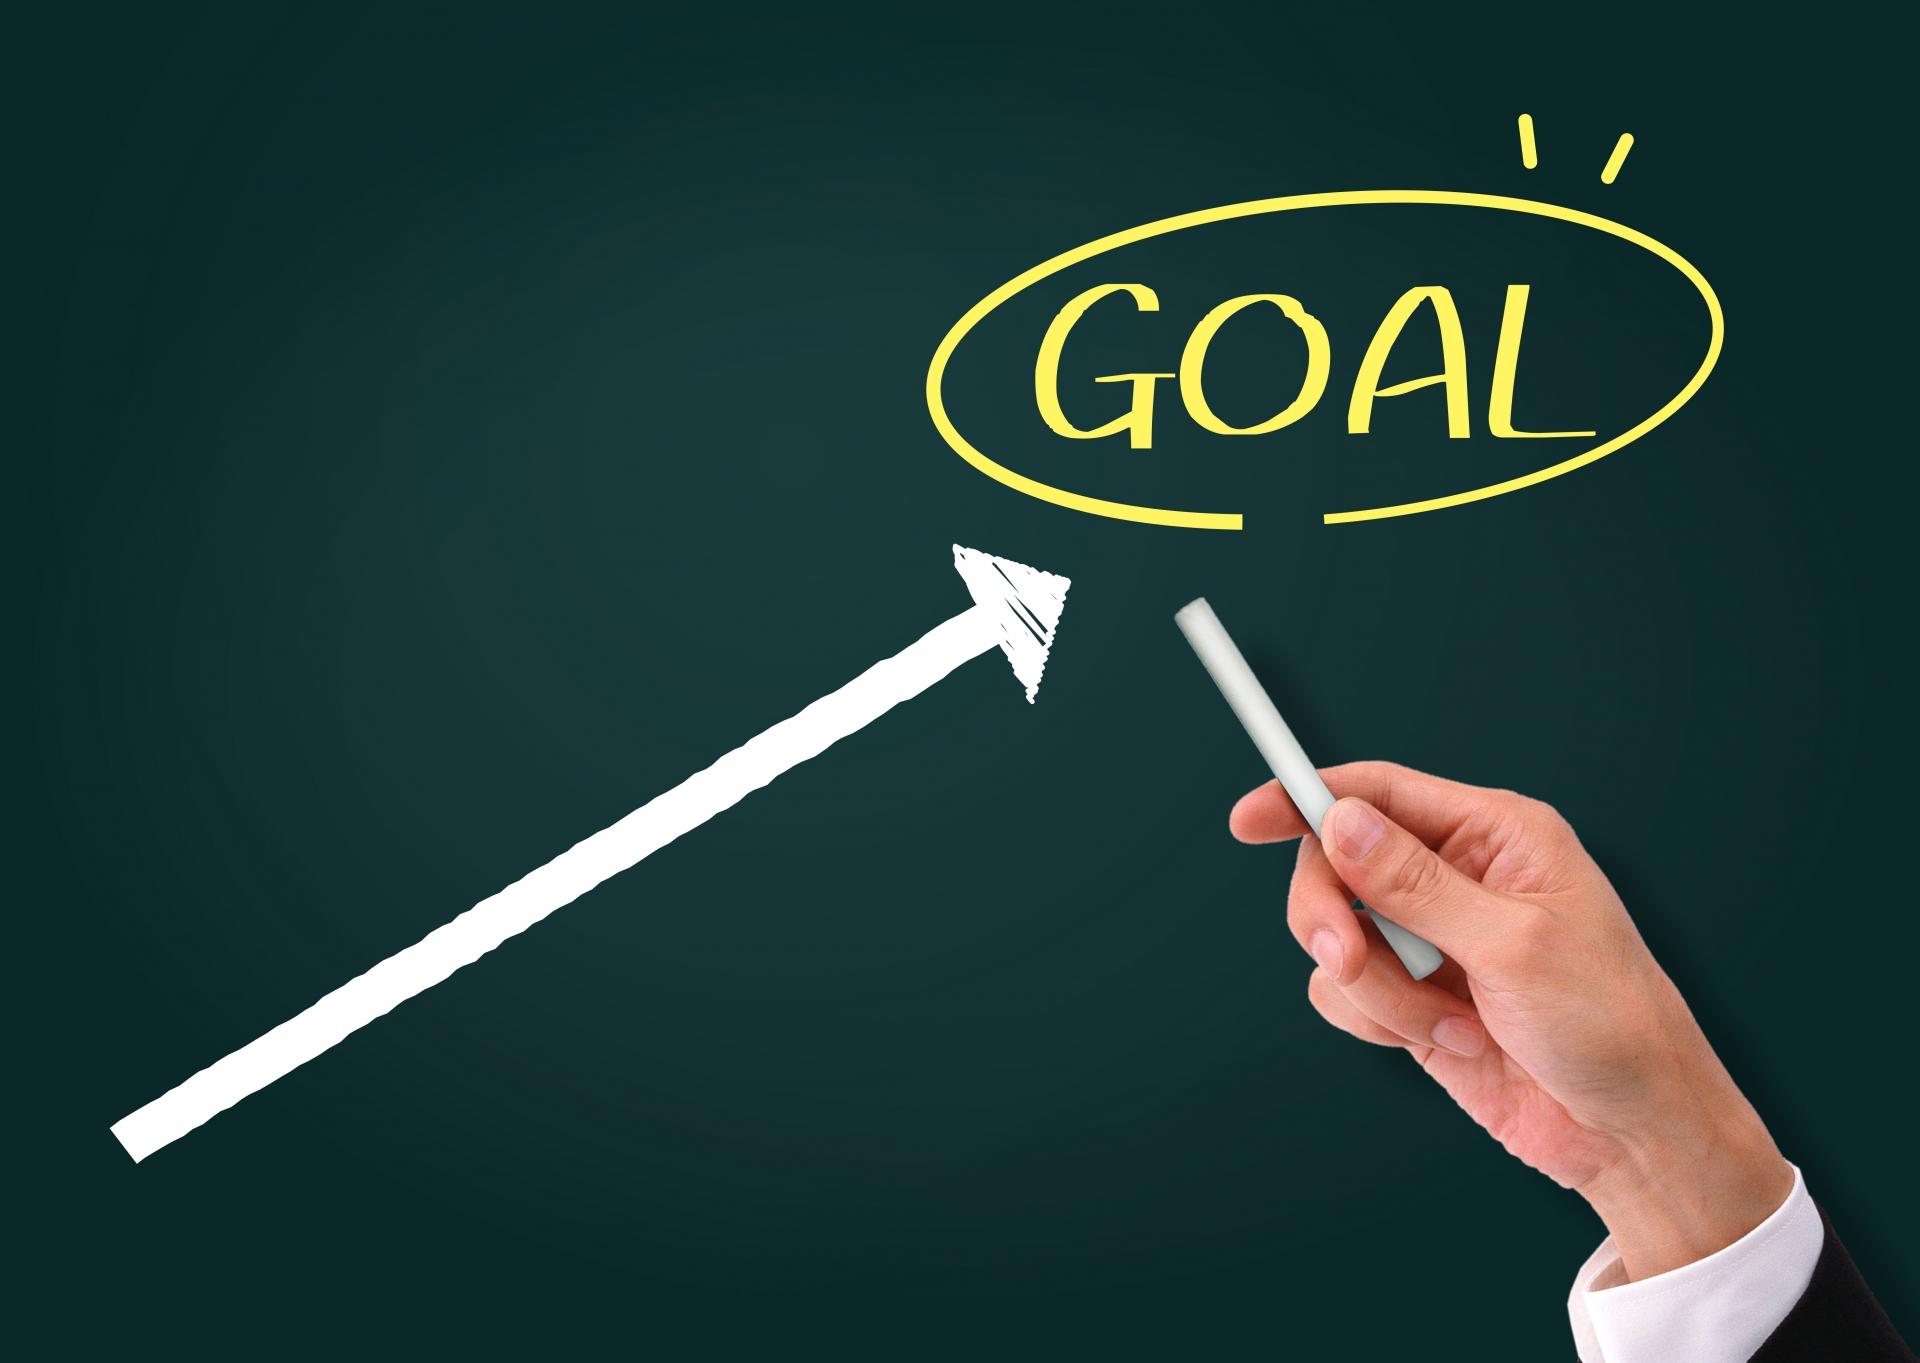 業務改善の目標はどうする?達成可能な目標がおすすめ_目標の見直し